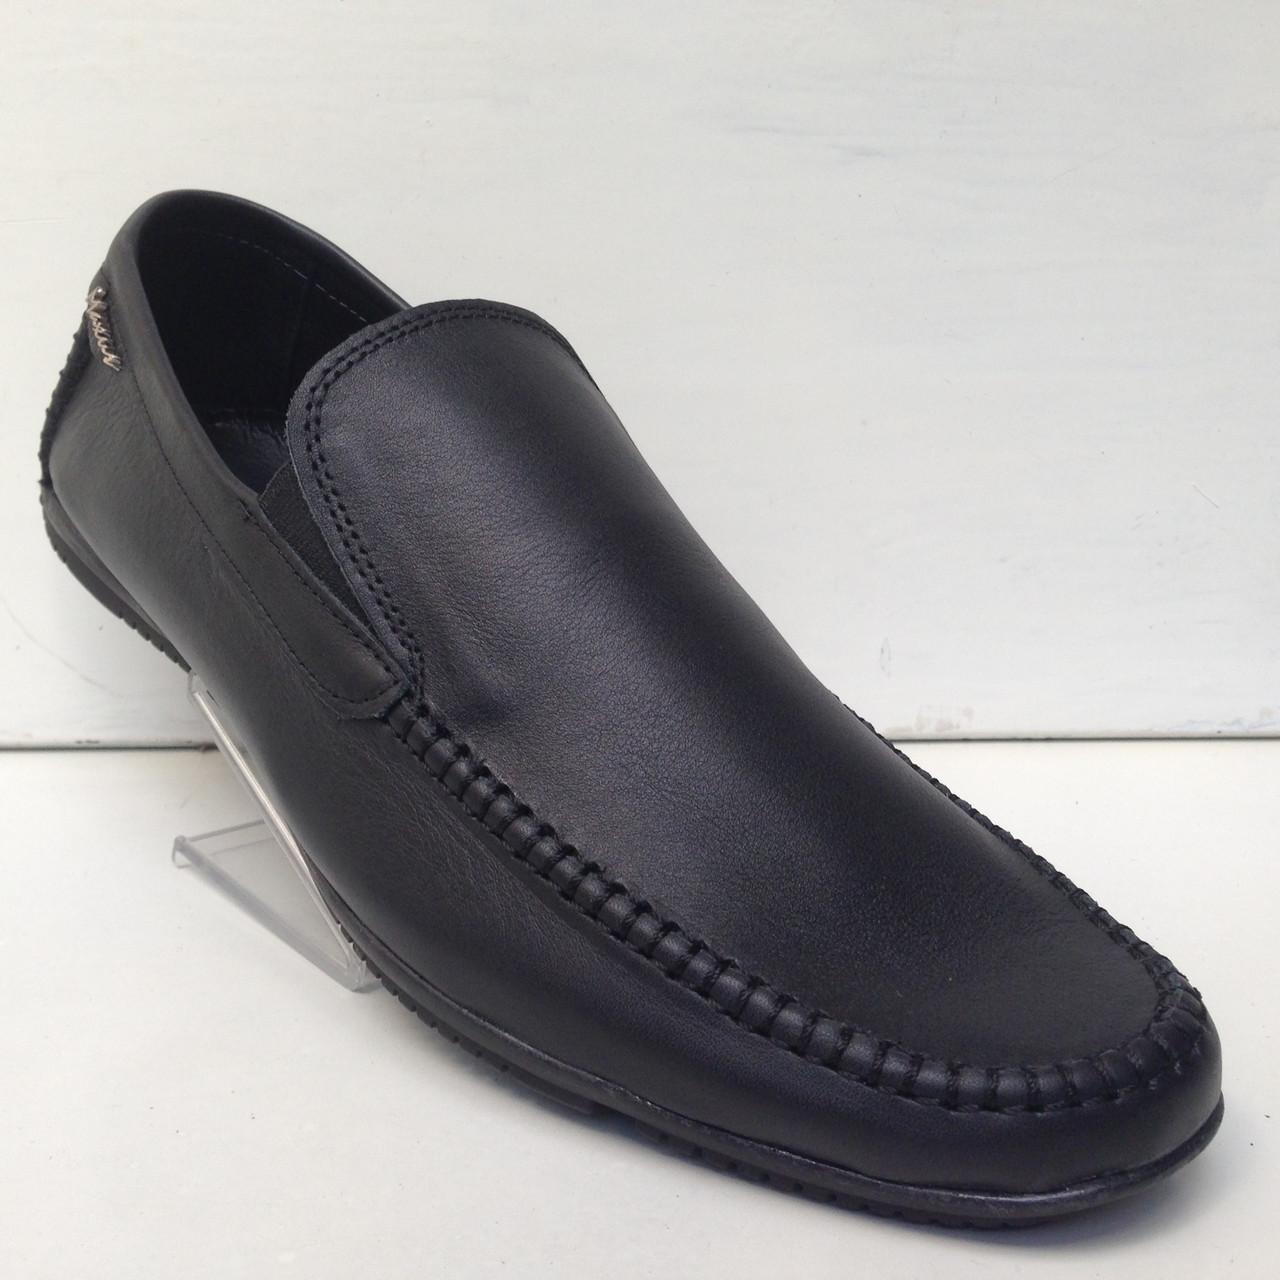 Мужские кожаные мокасины Maxus / черные (большой размер)  46, 47